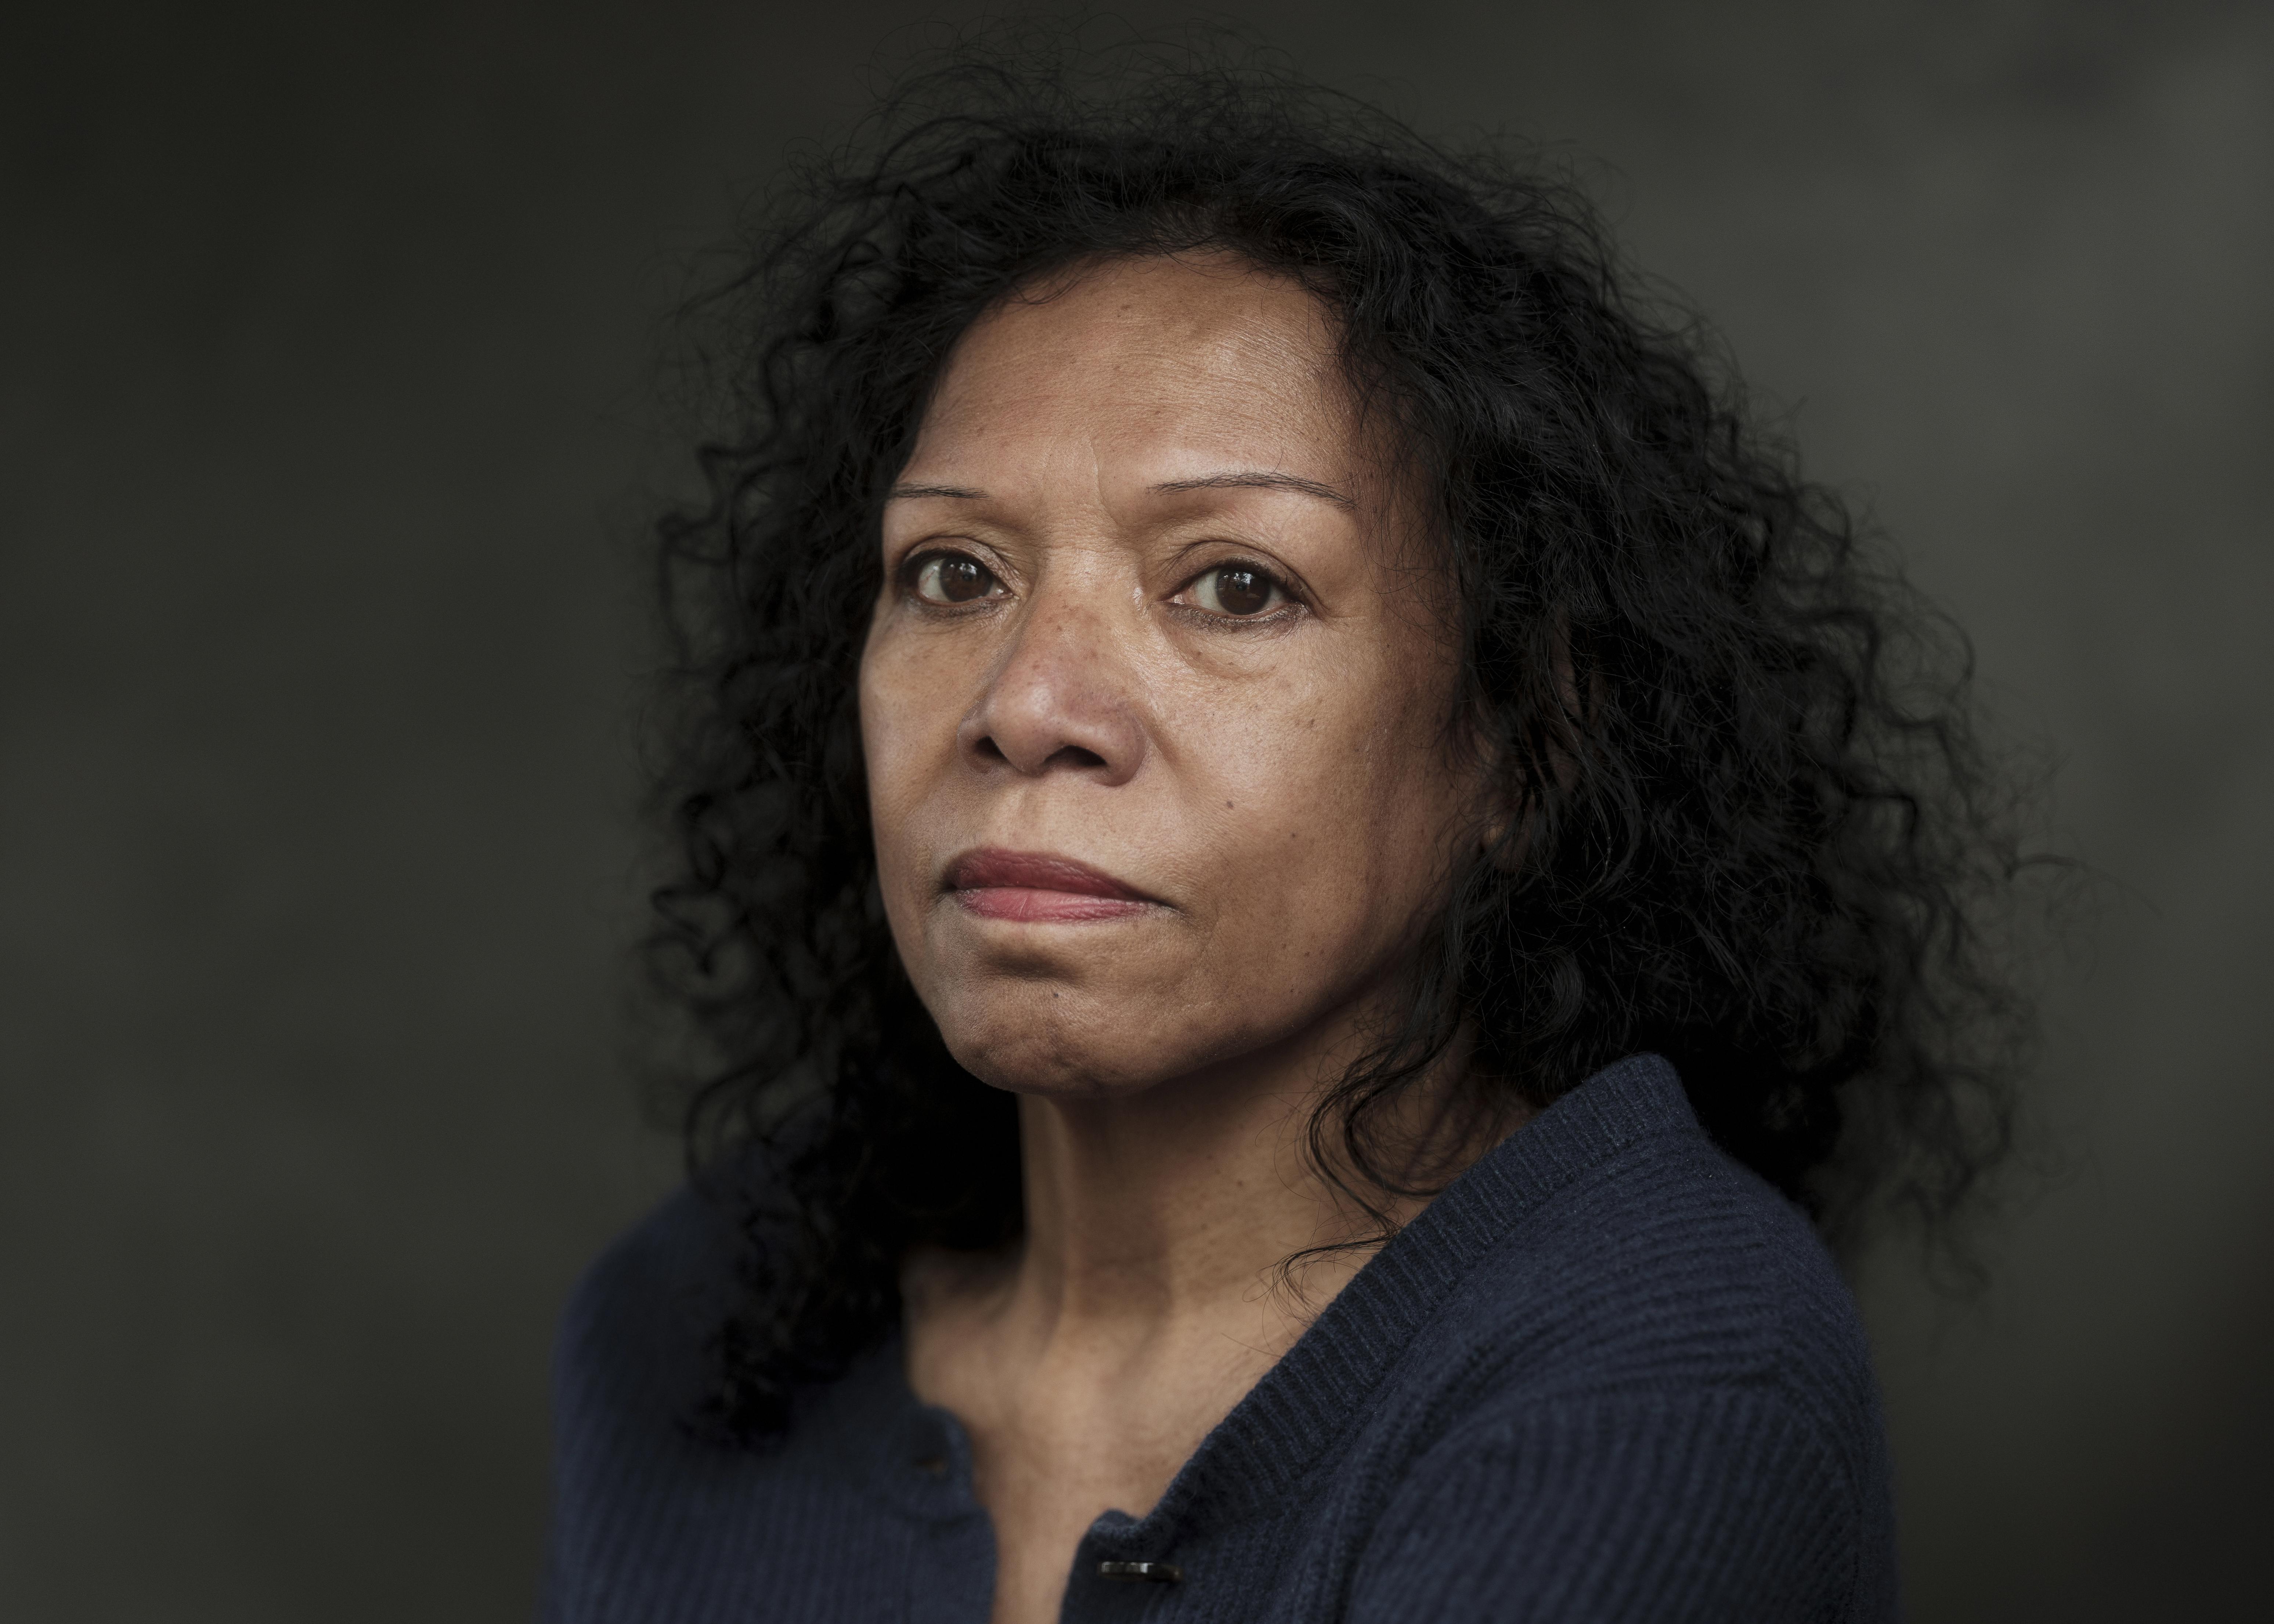 Molukse geschiedenis belicht: 'Wij hebben de pijn van onze ouders gezien'